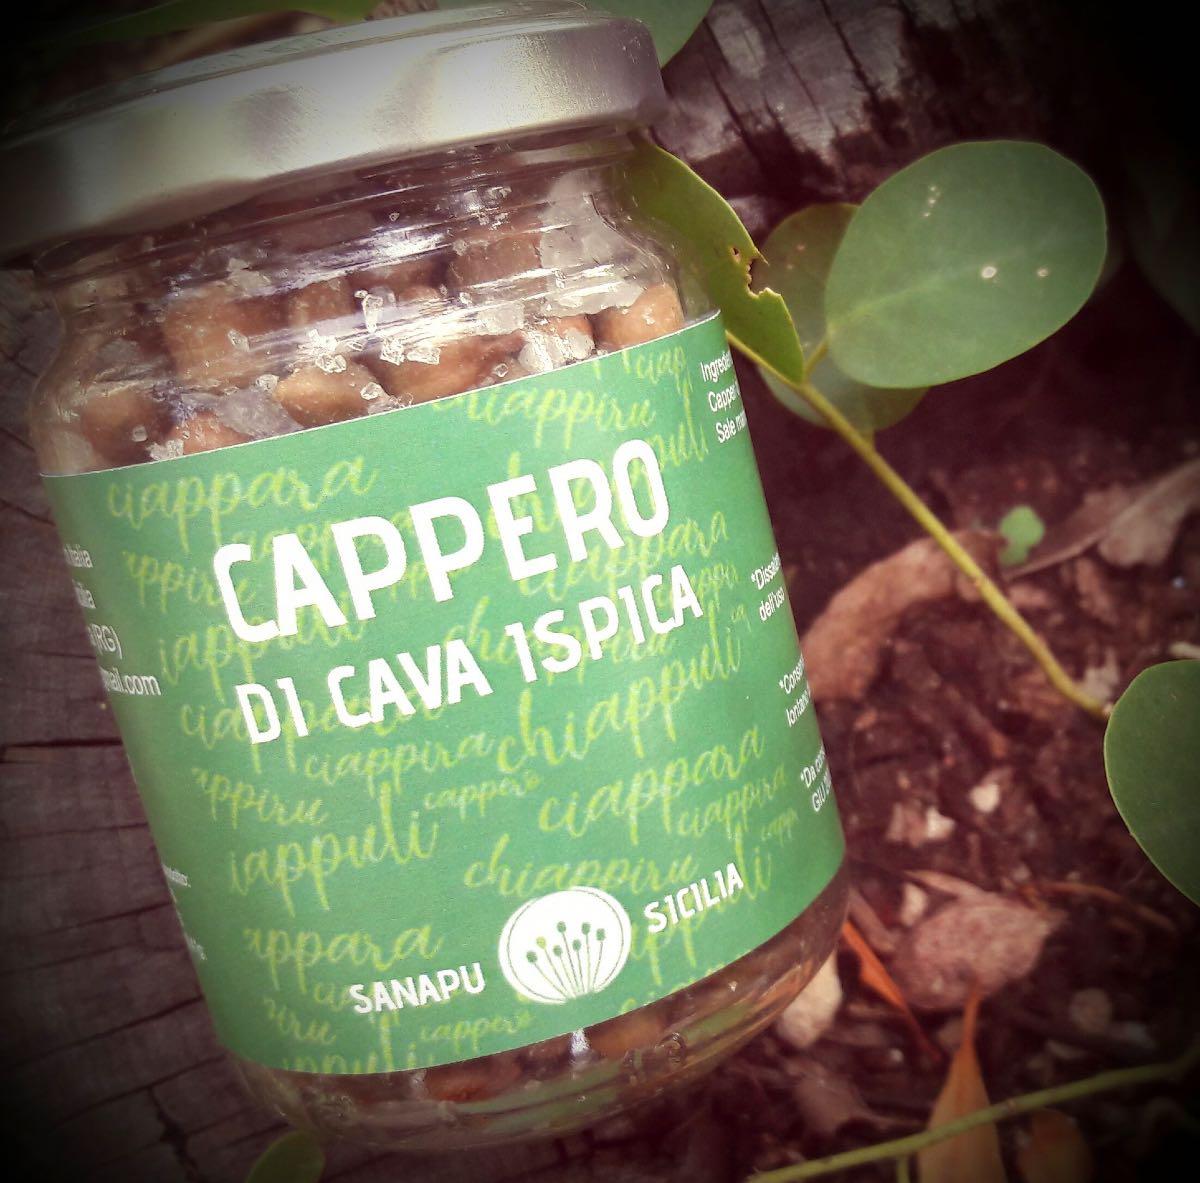 Sanapu Sicilia. Le confetture con la frutta di Cava d'Ispica